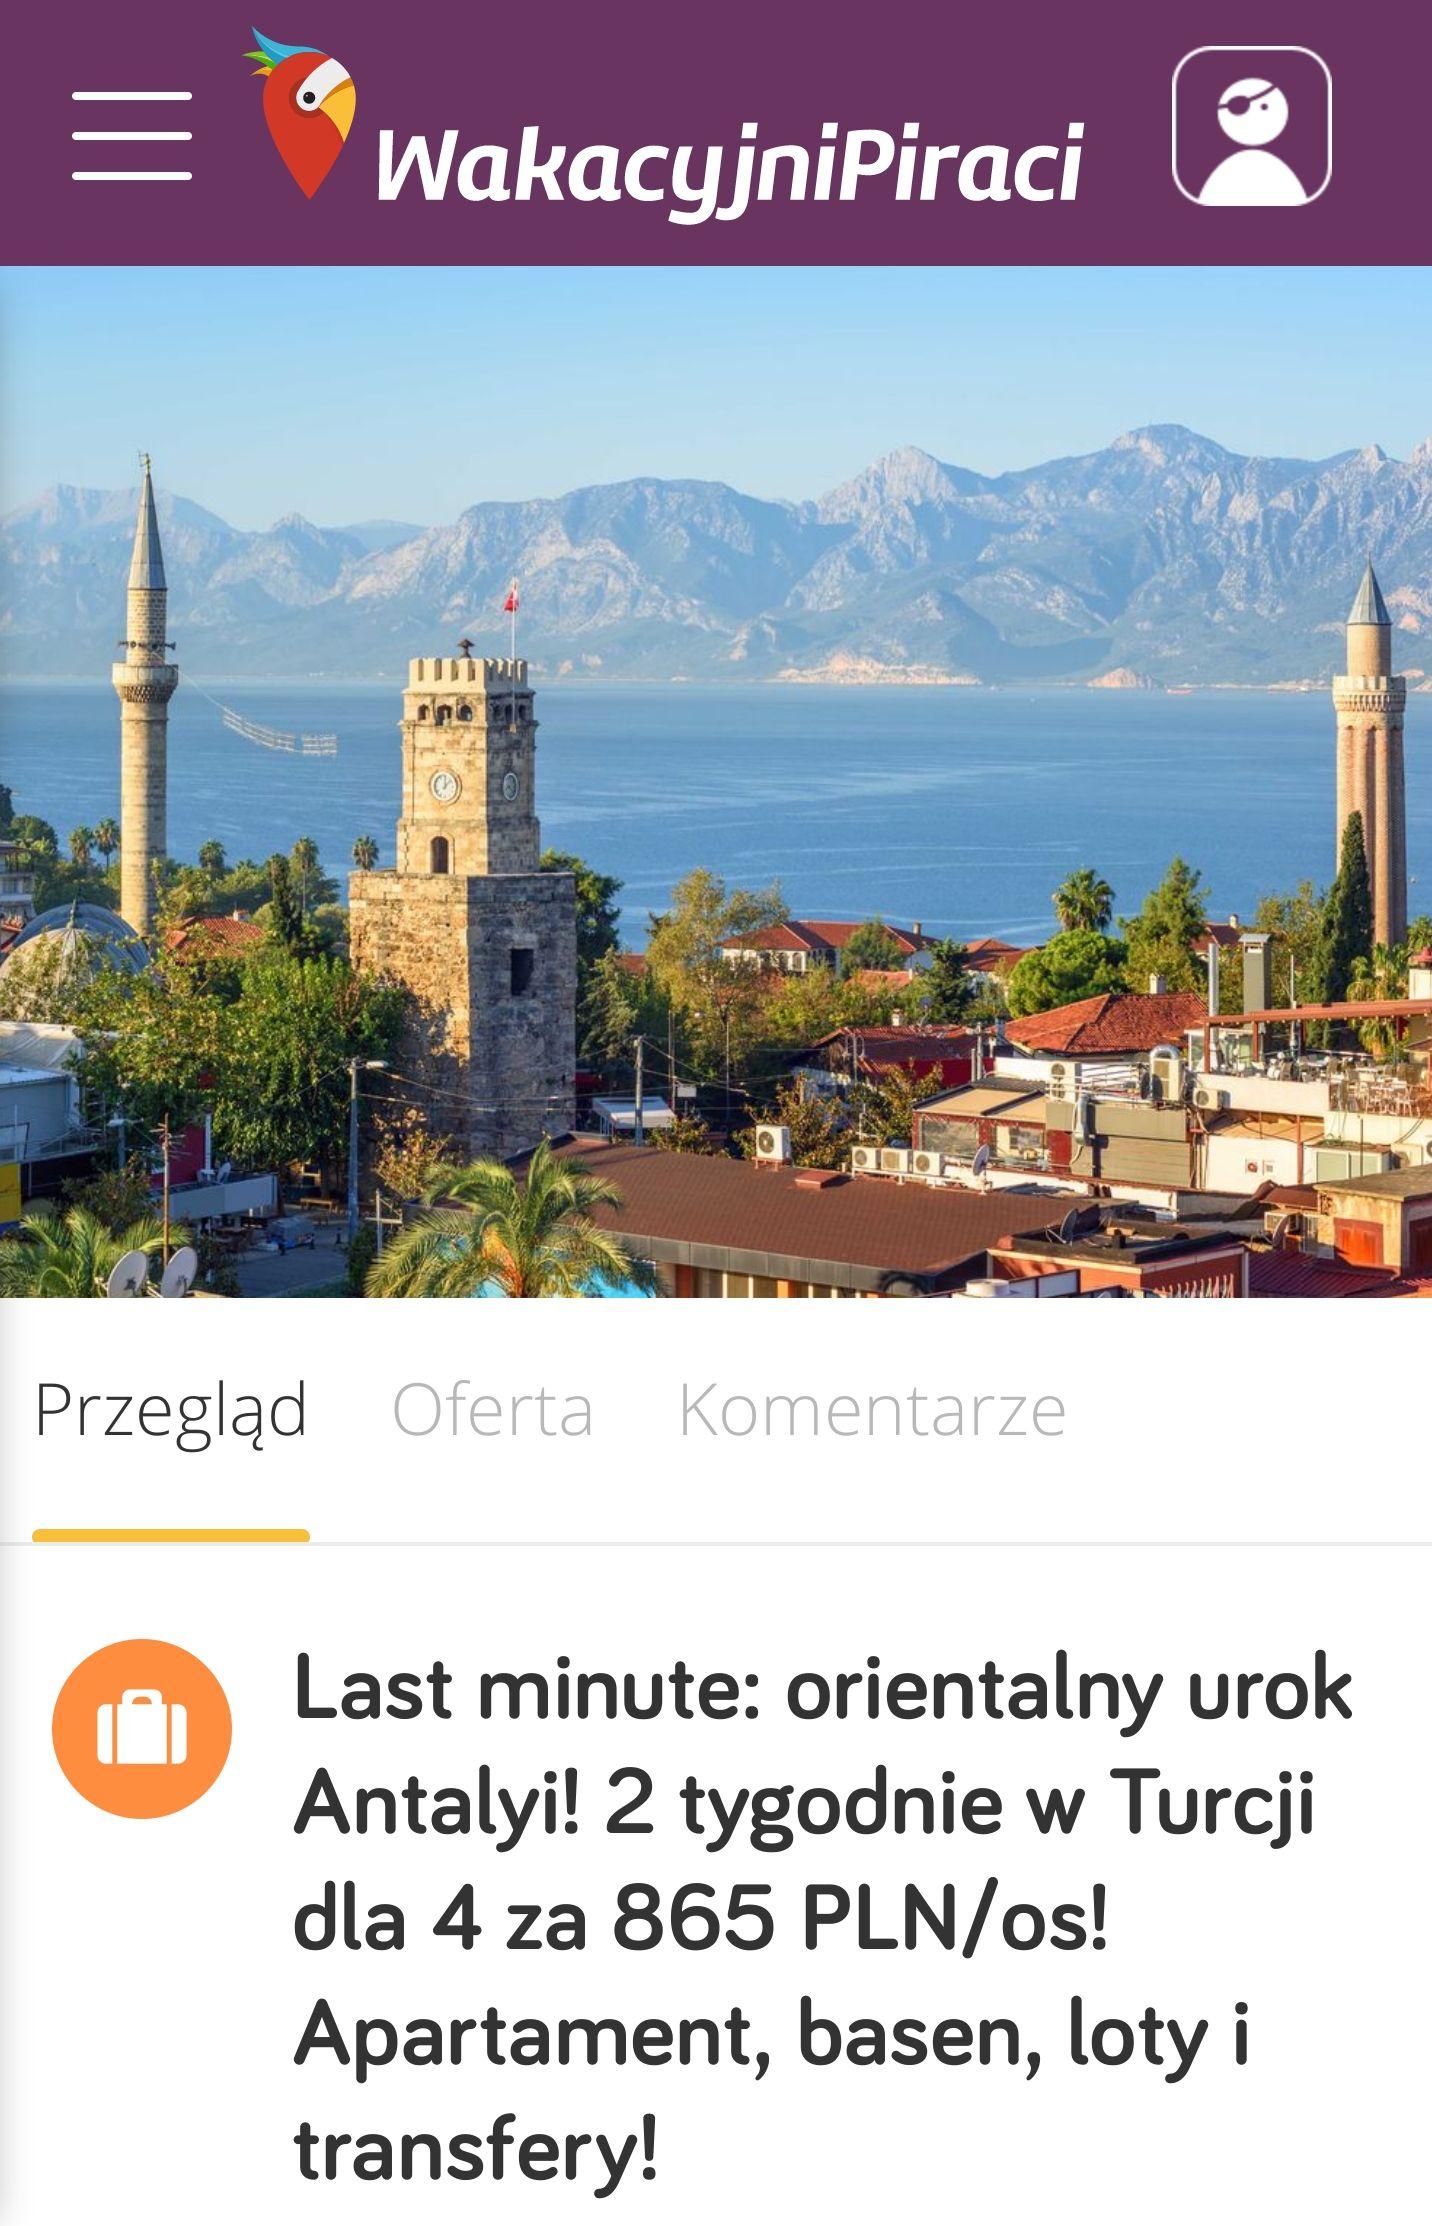 Last minute: orientalny urok Antalyi. 2 tygodnie w Turcji dla 4 za 865 PLN/os. Apartament, basen, loty i transfery.